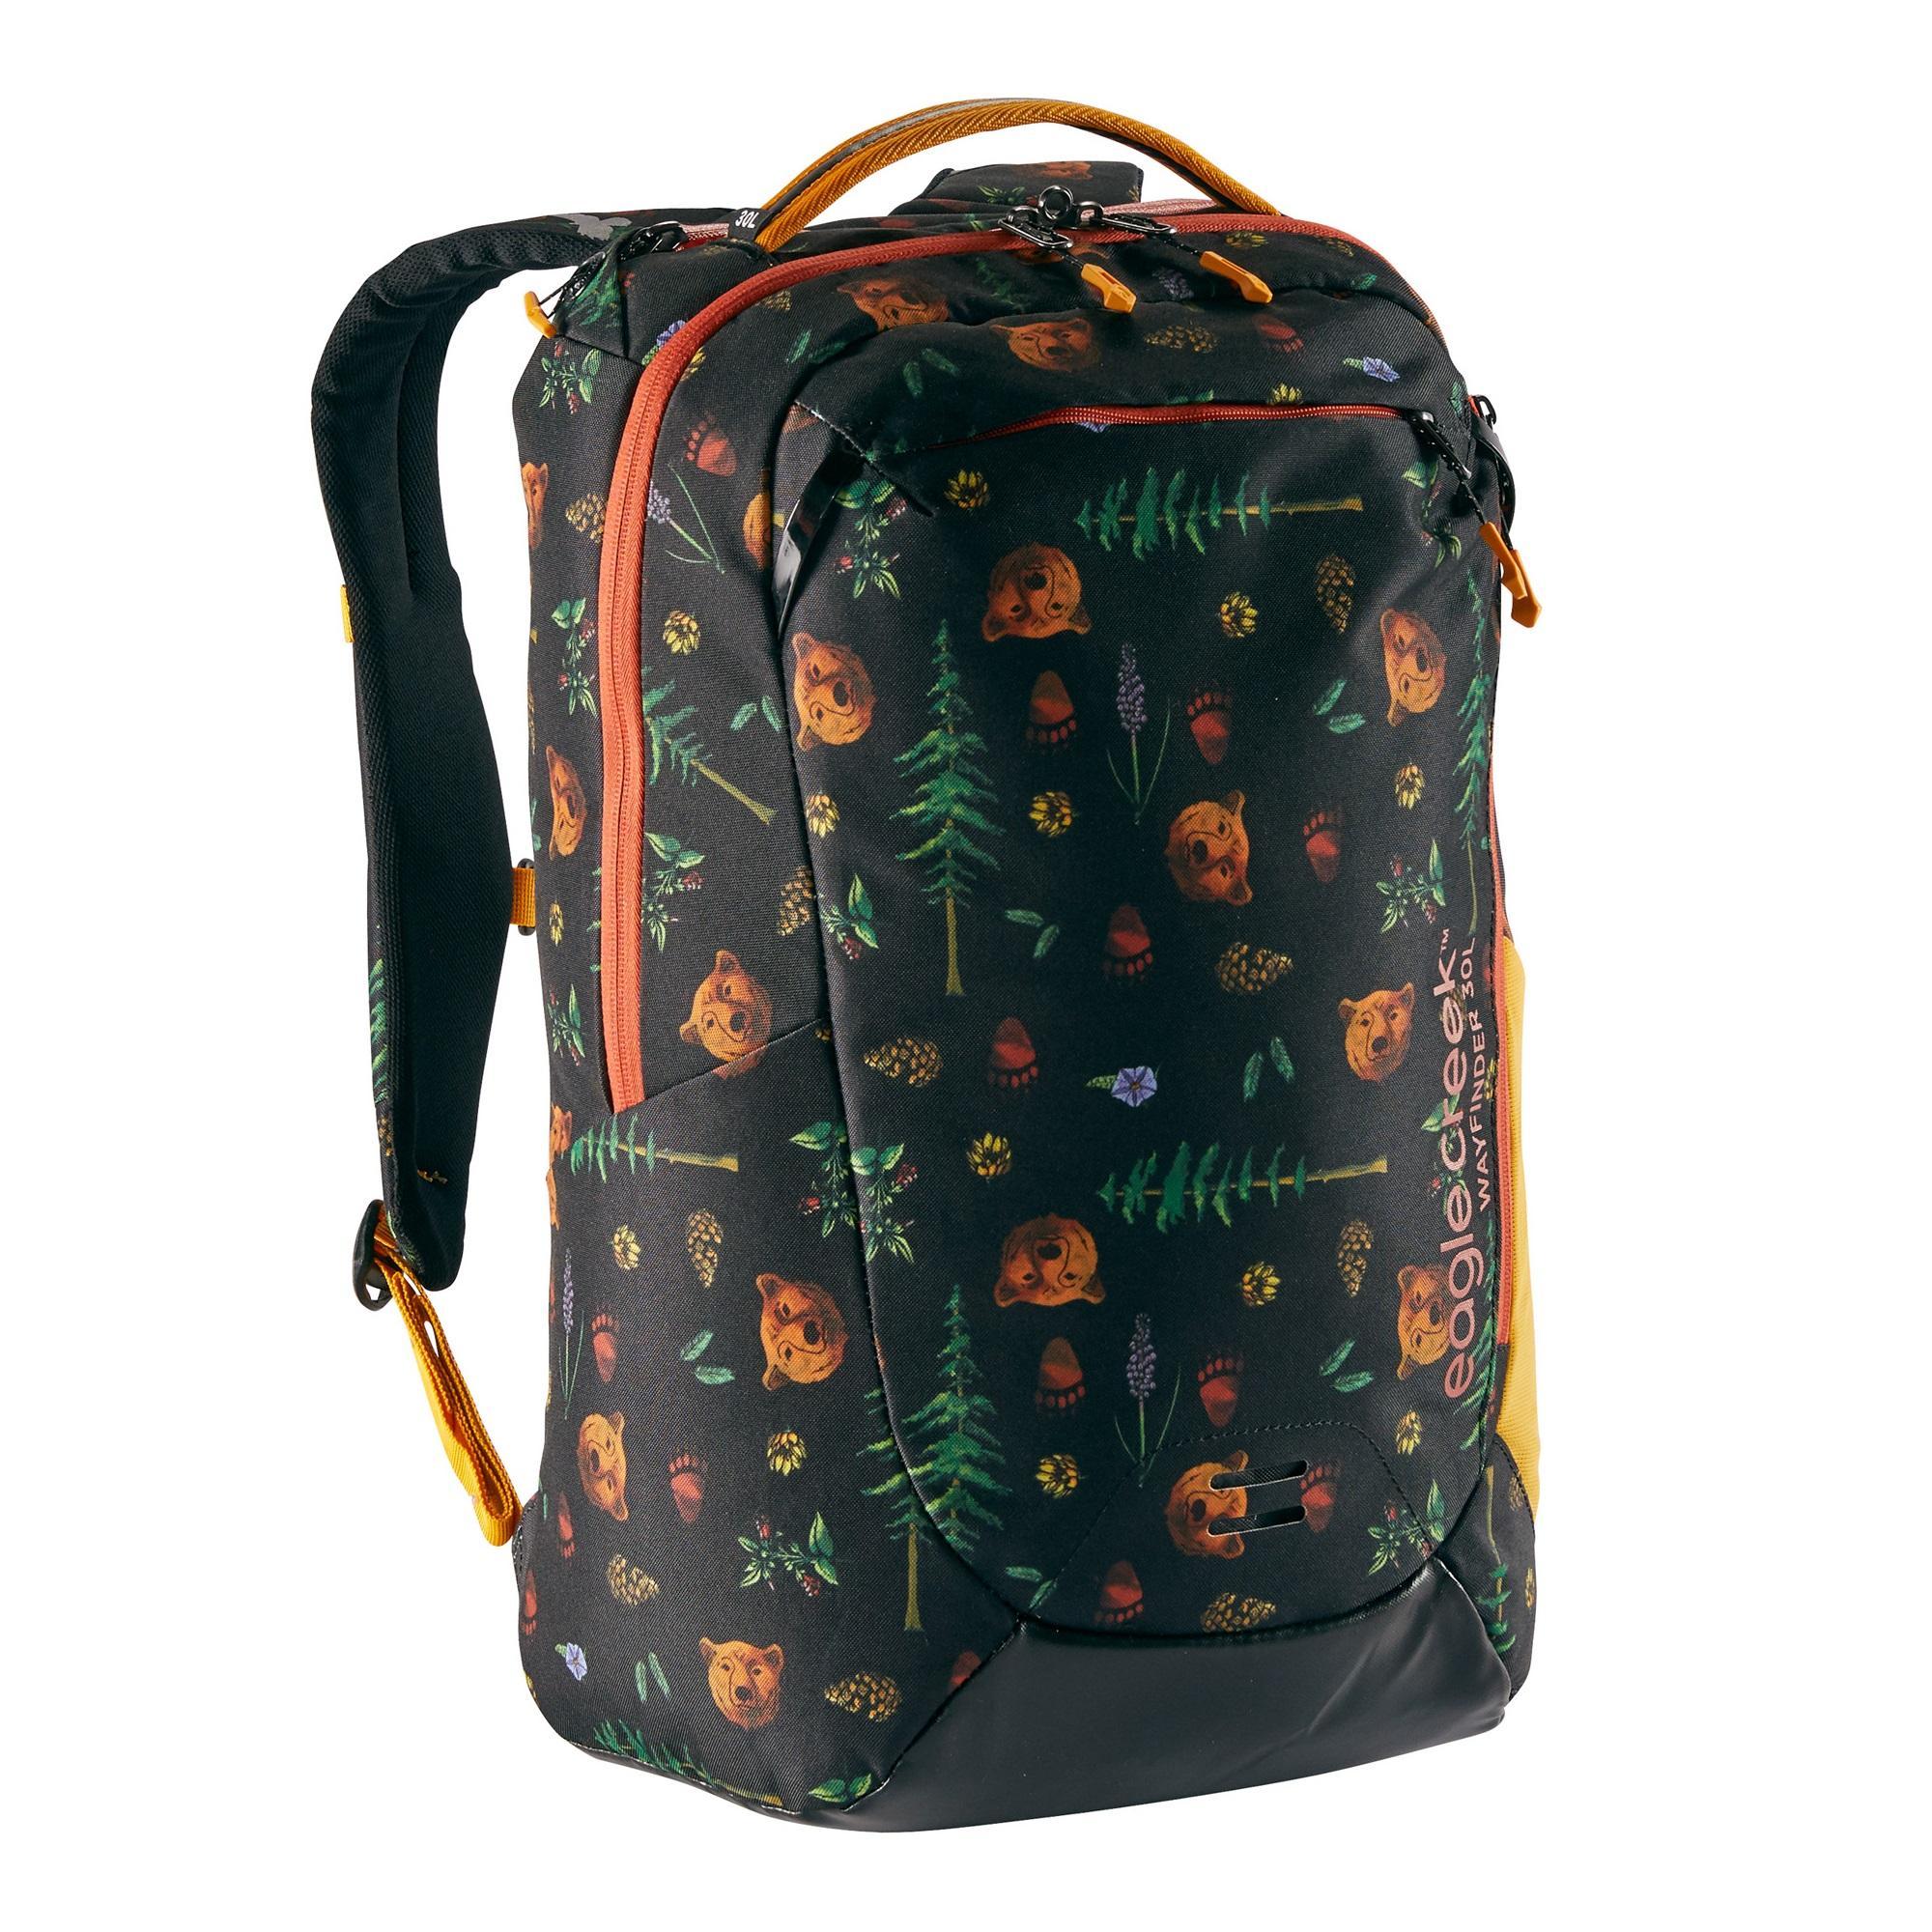 Eagle Creek Wayfinder Backpack 30 L